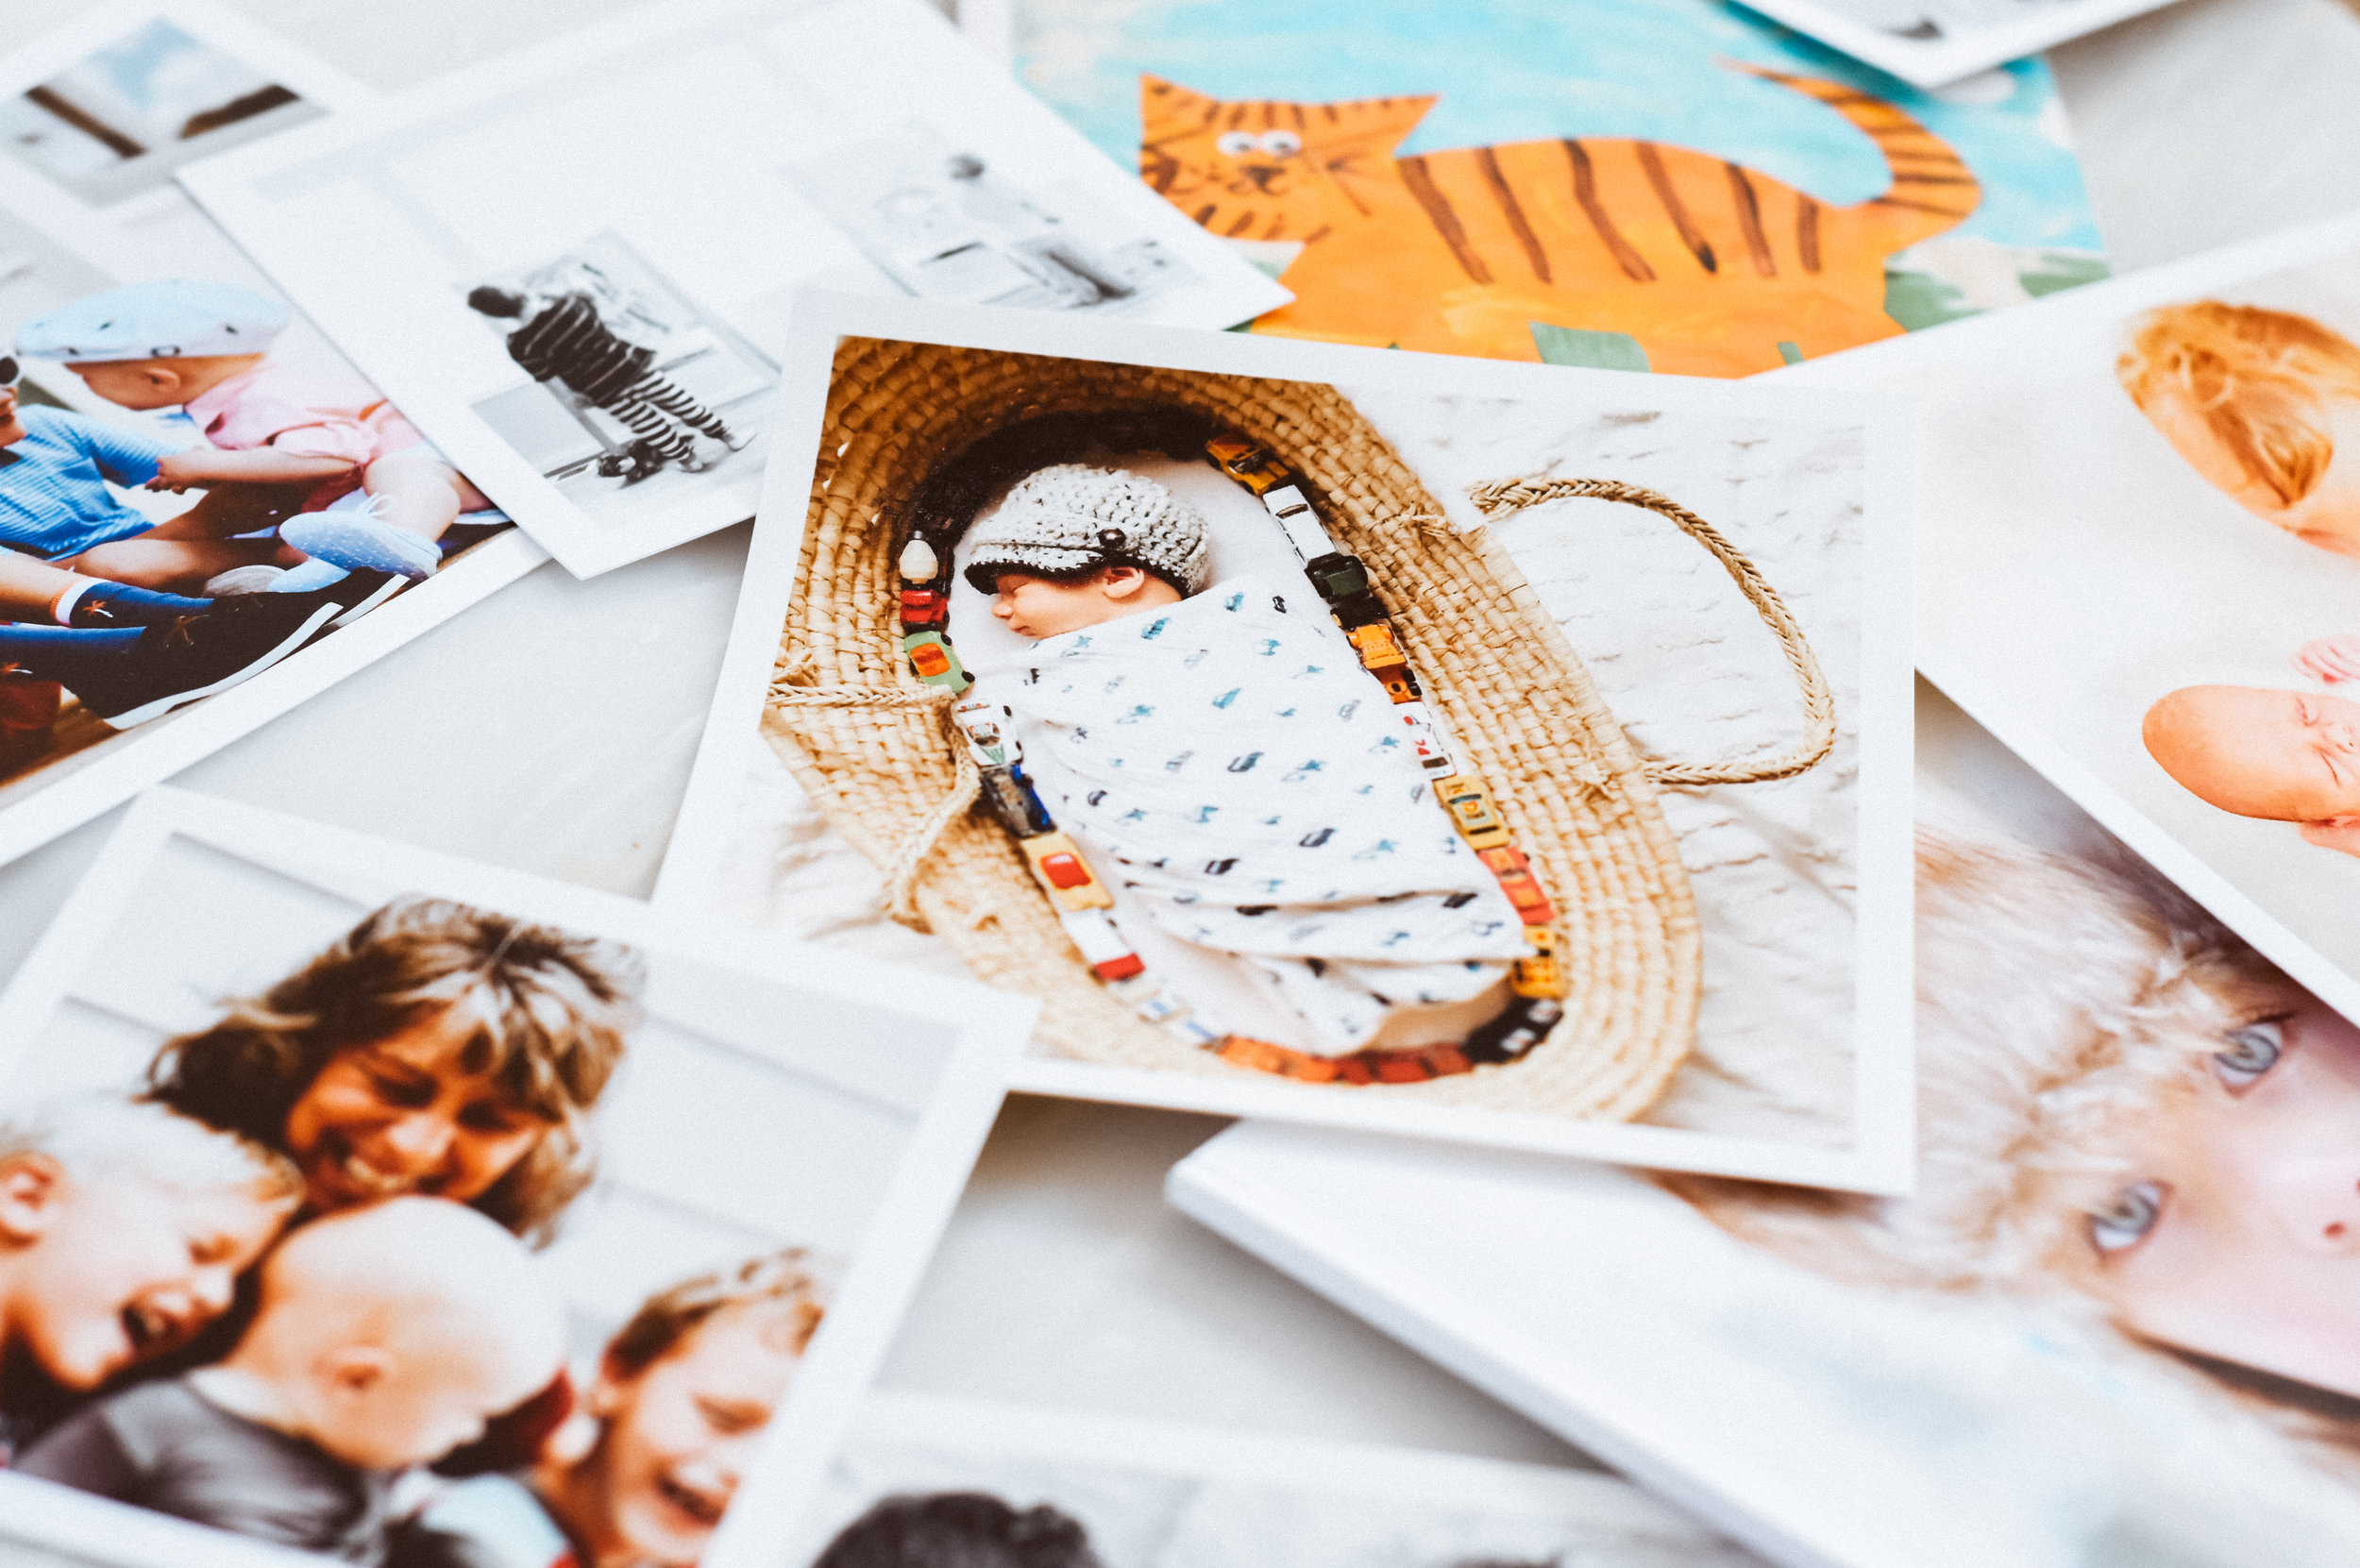 Printing iphone photos